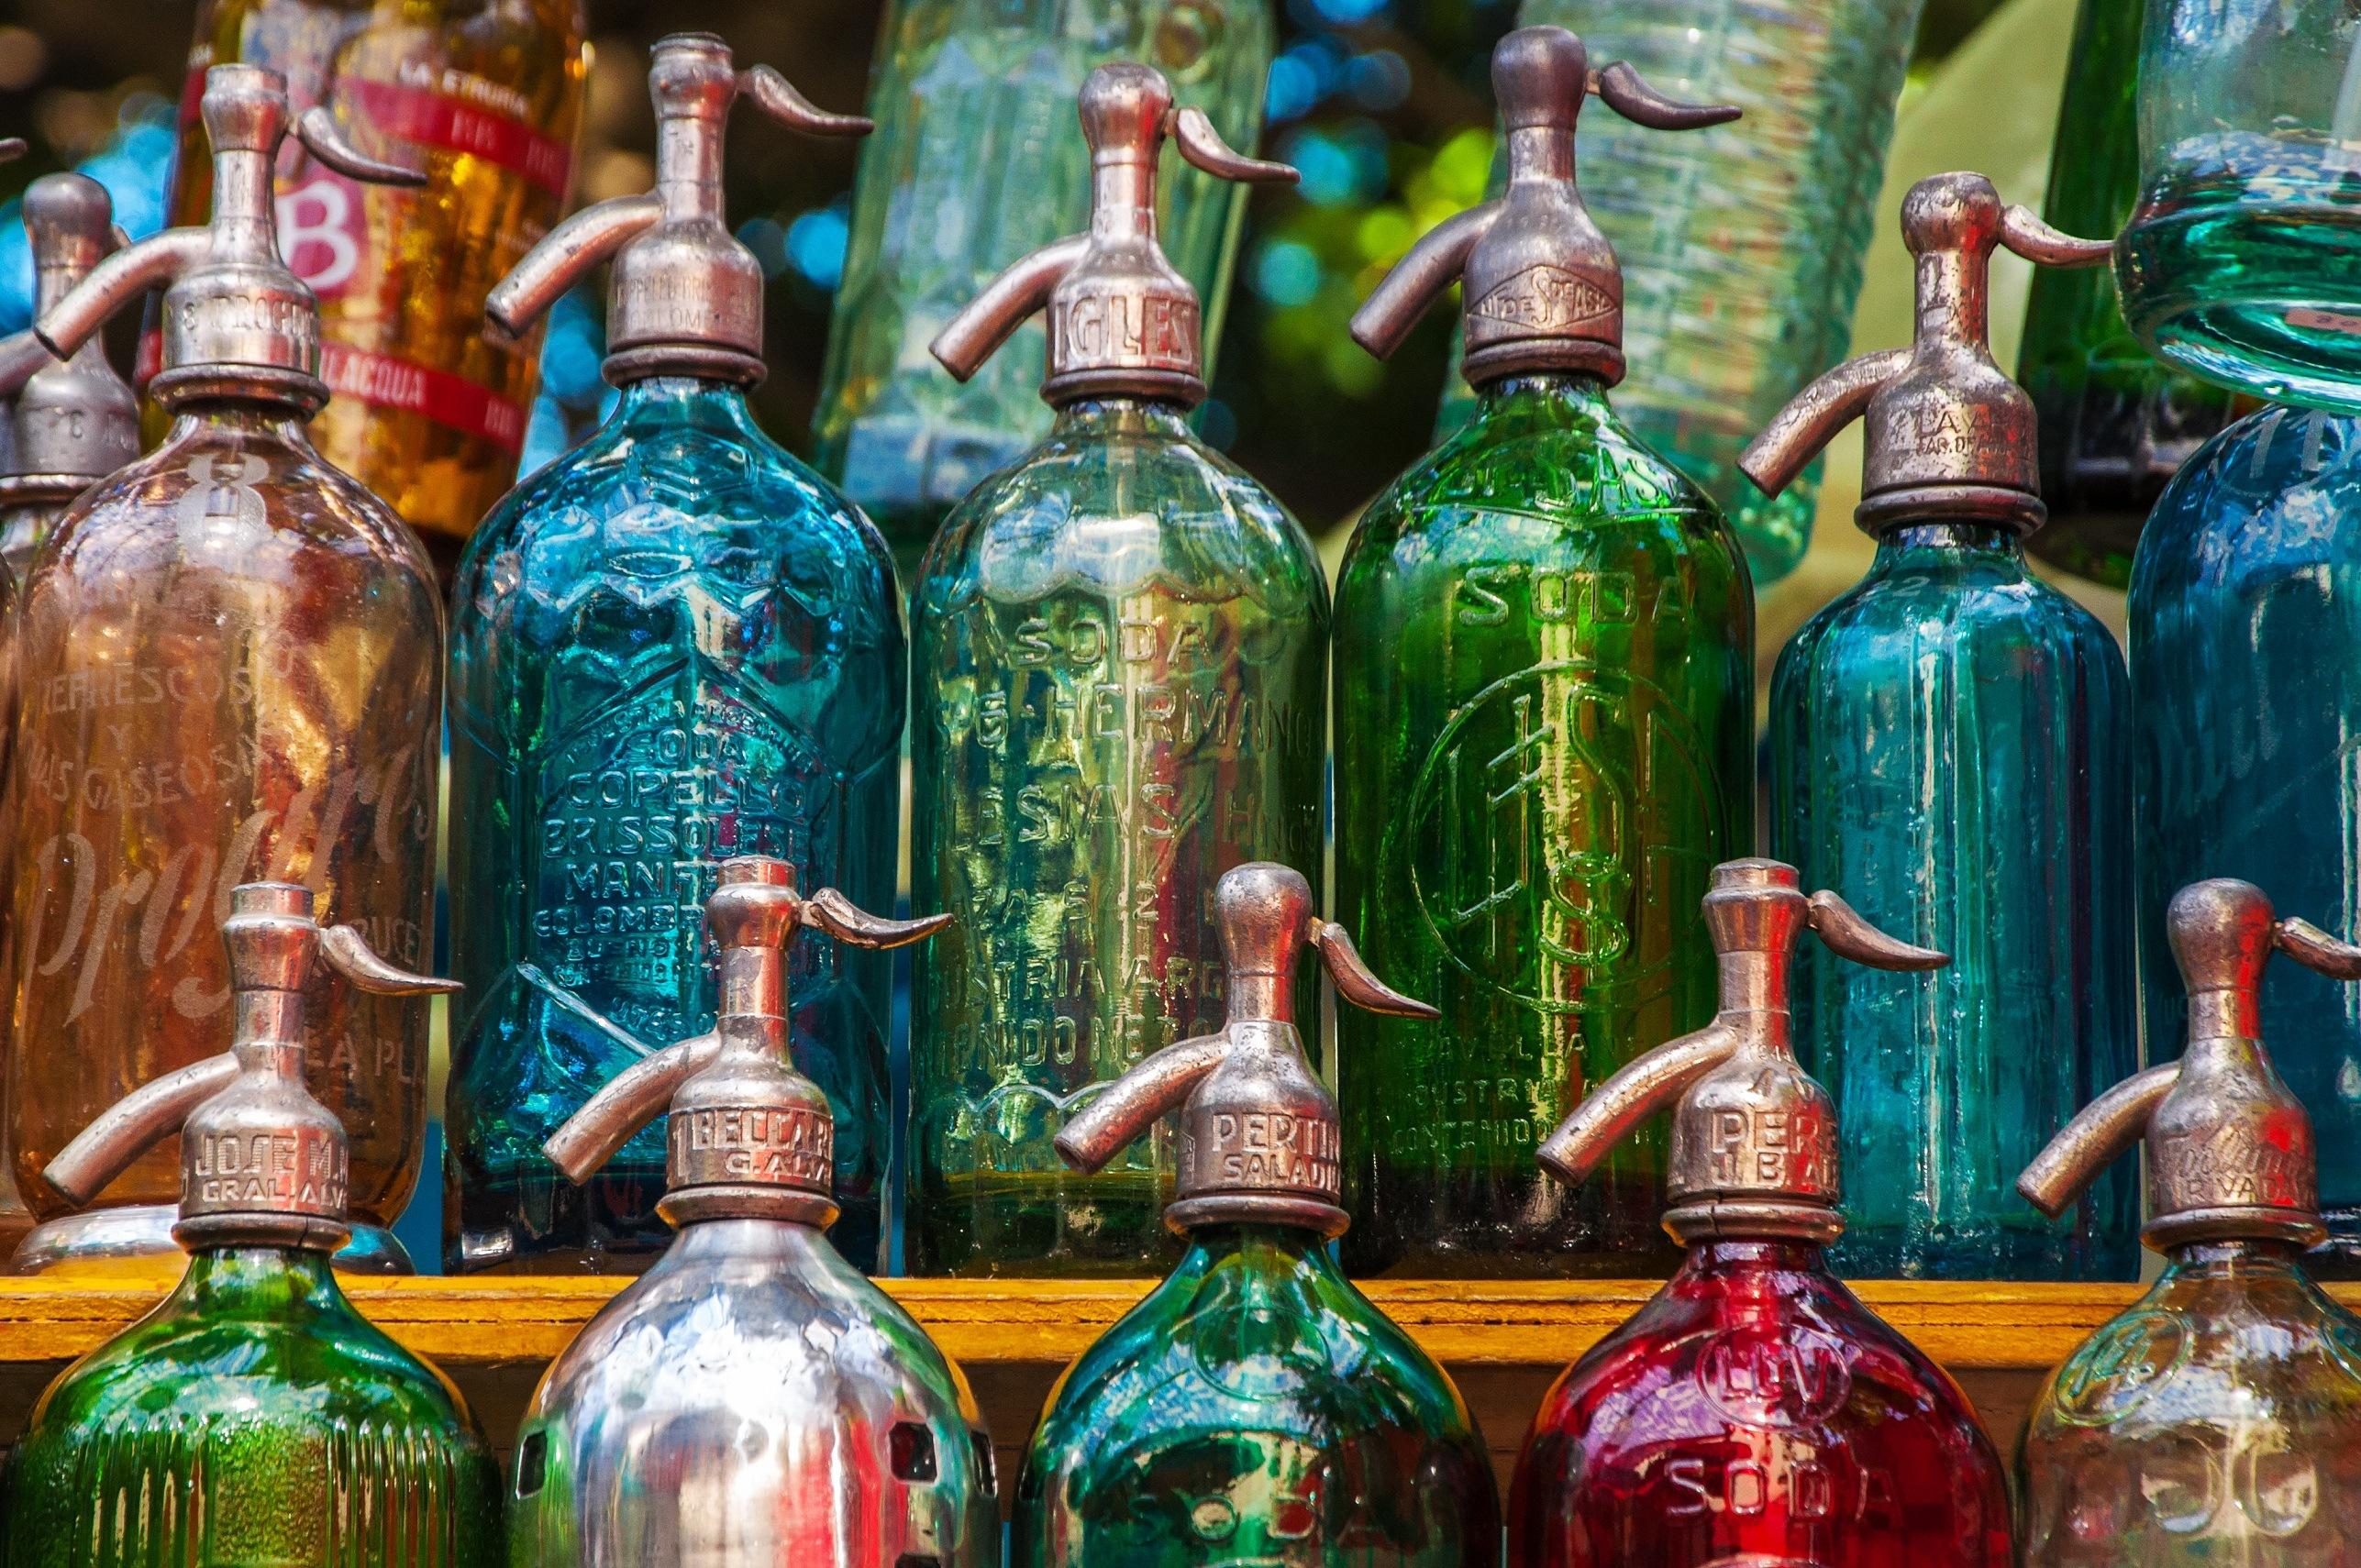 Colorful vintage glass bottles